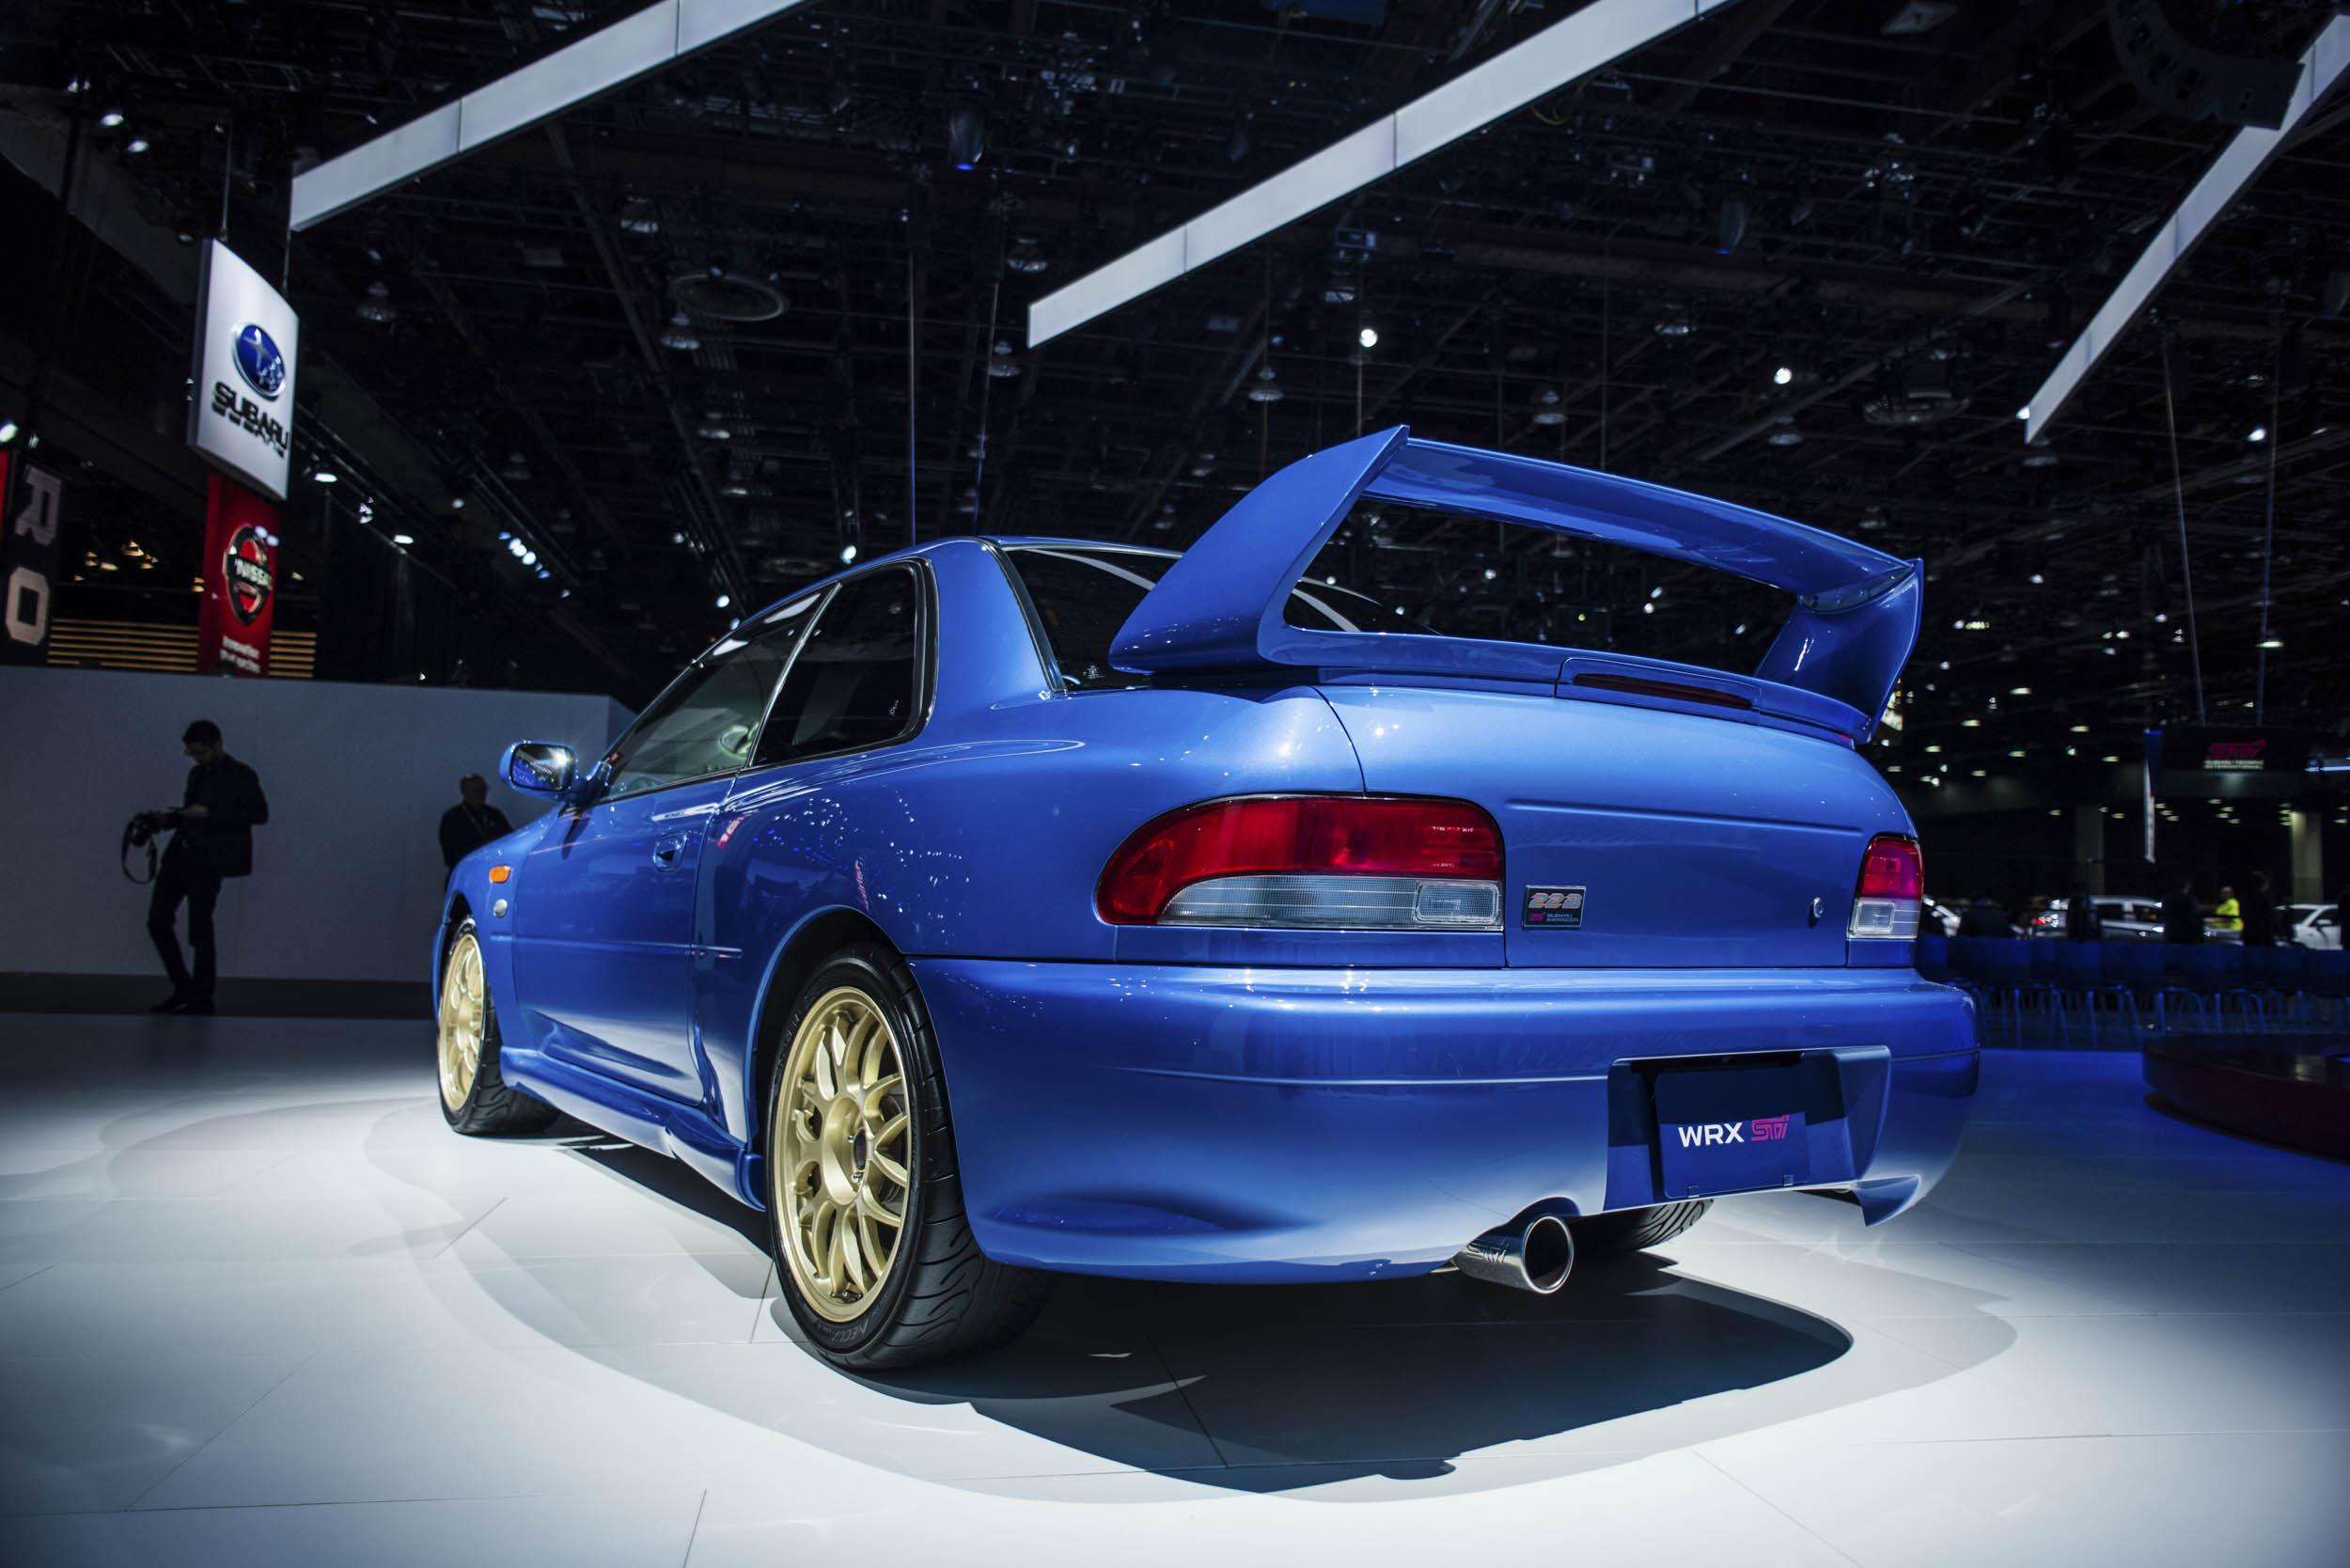 1998 Subaru 22B rear 3/4